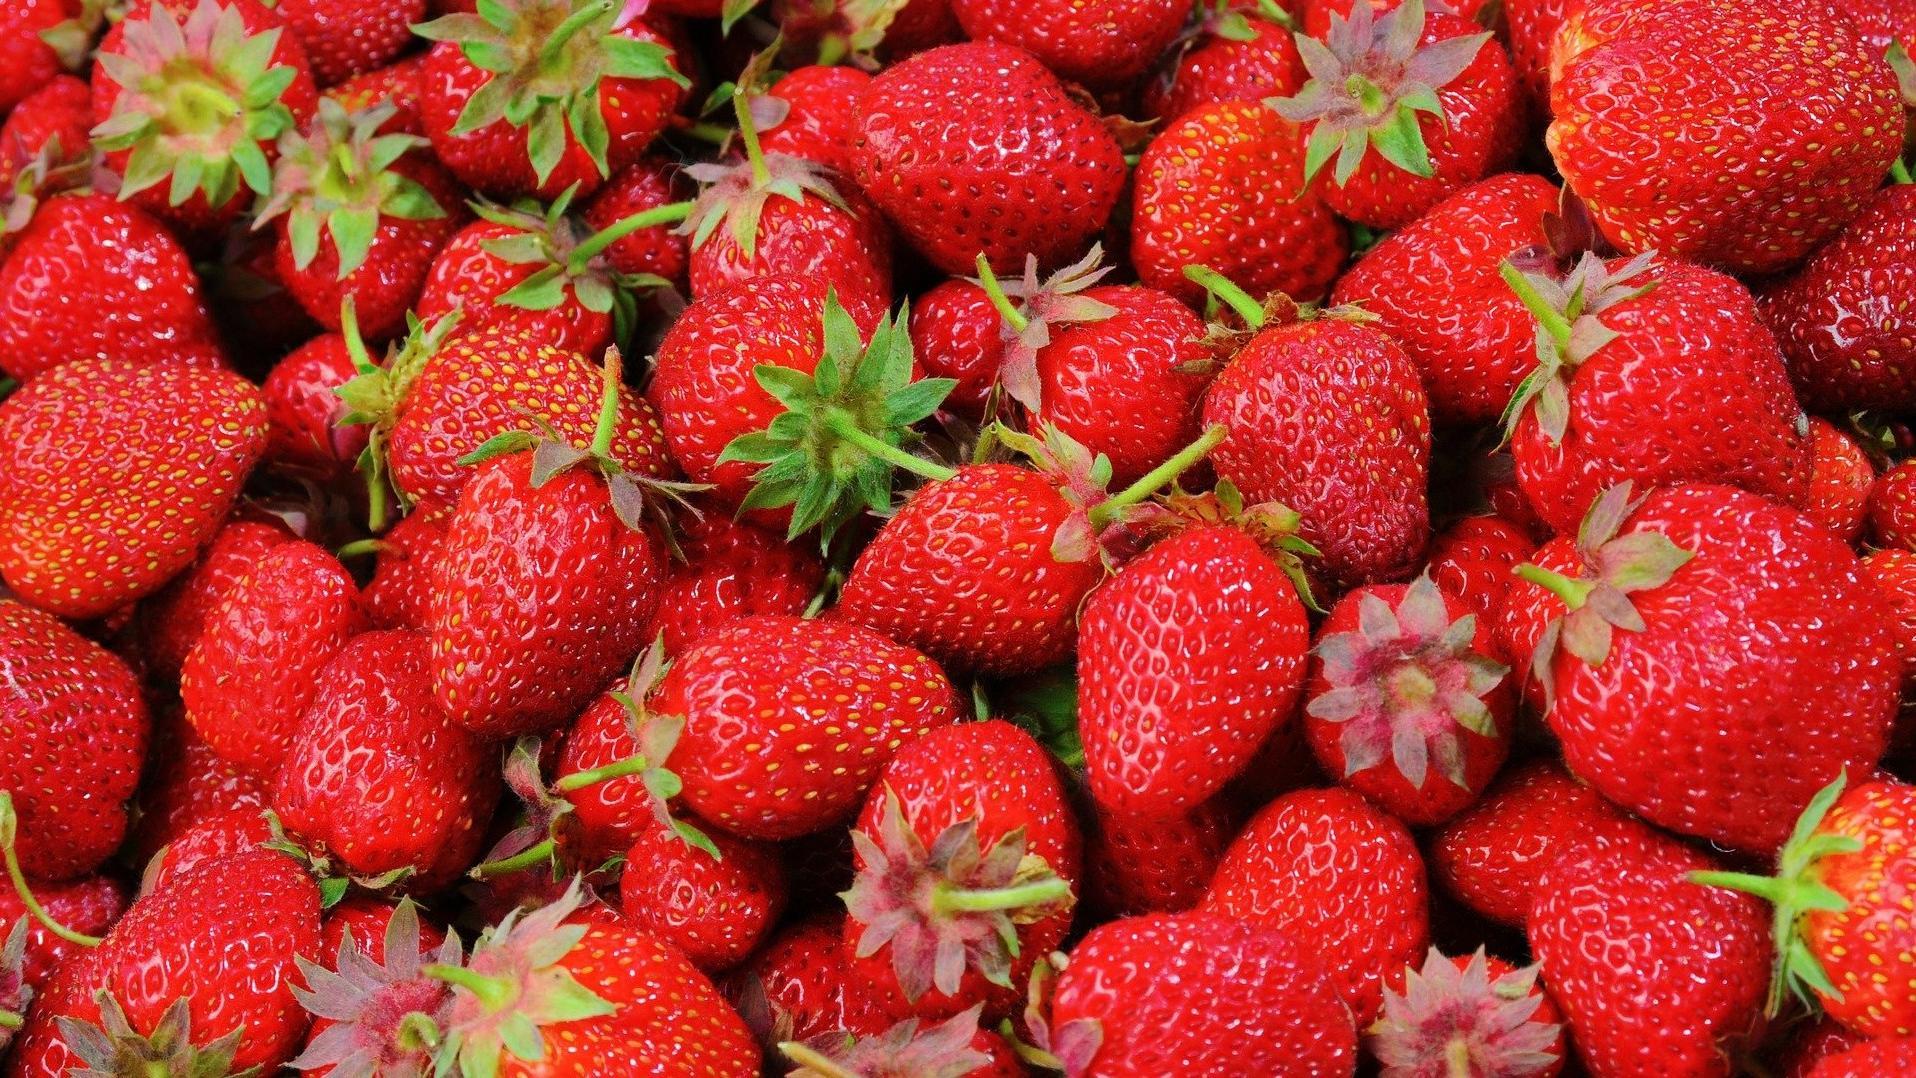 Erdbeeren richtig lagern - so bleiben sie lange frisch